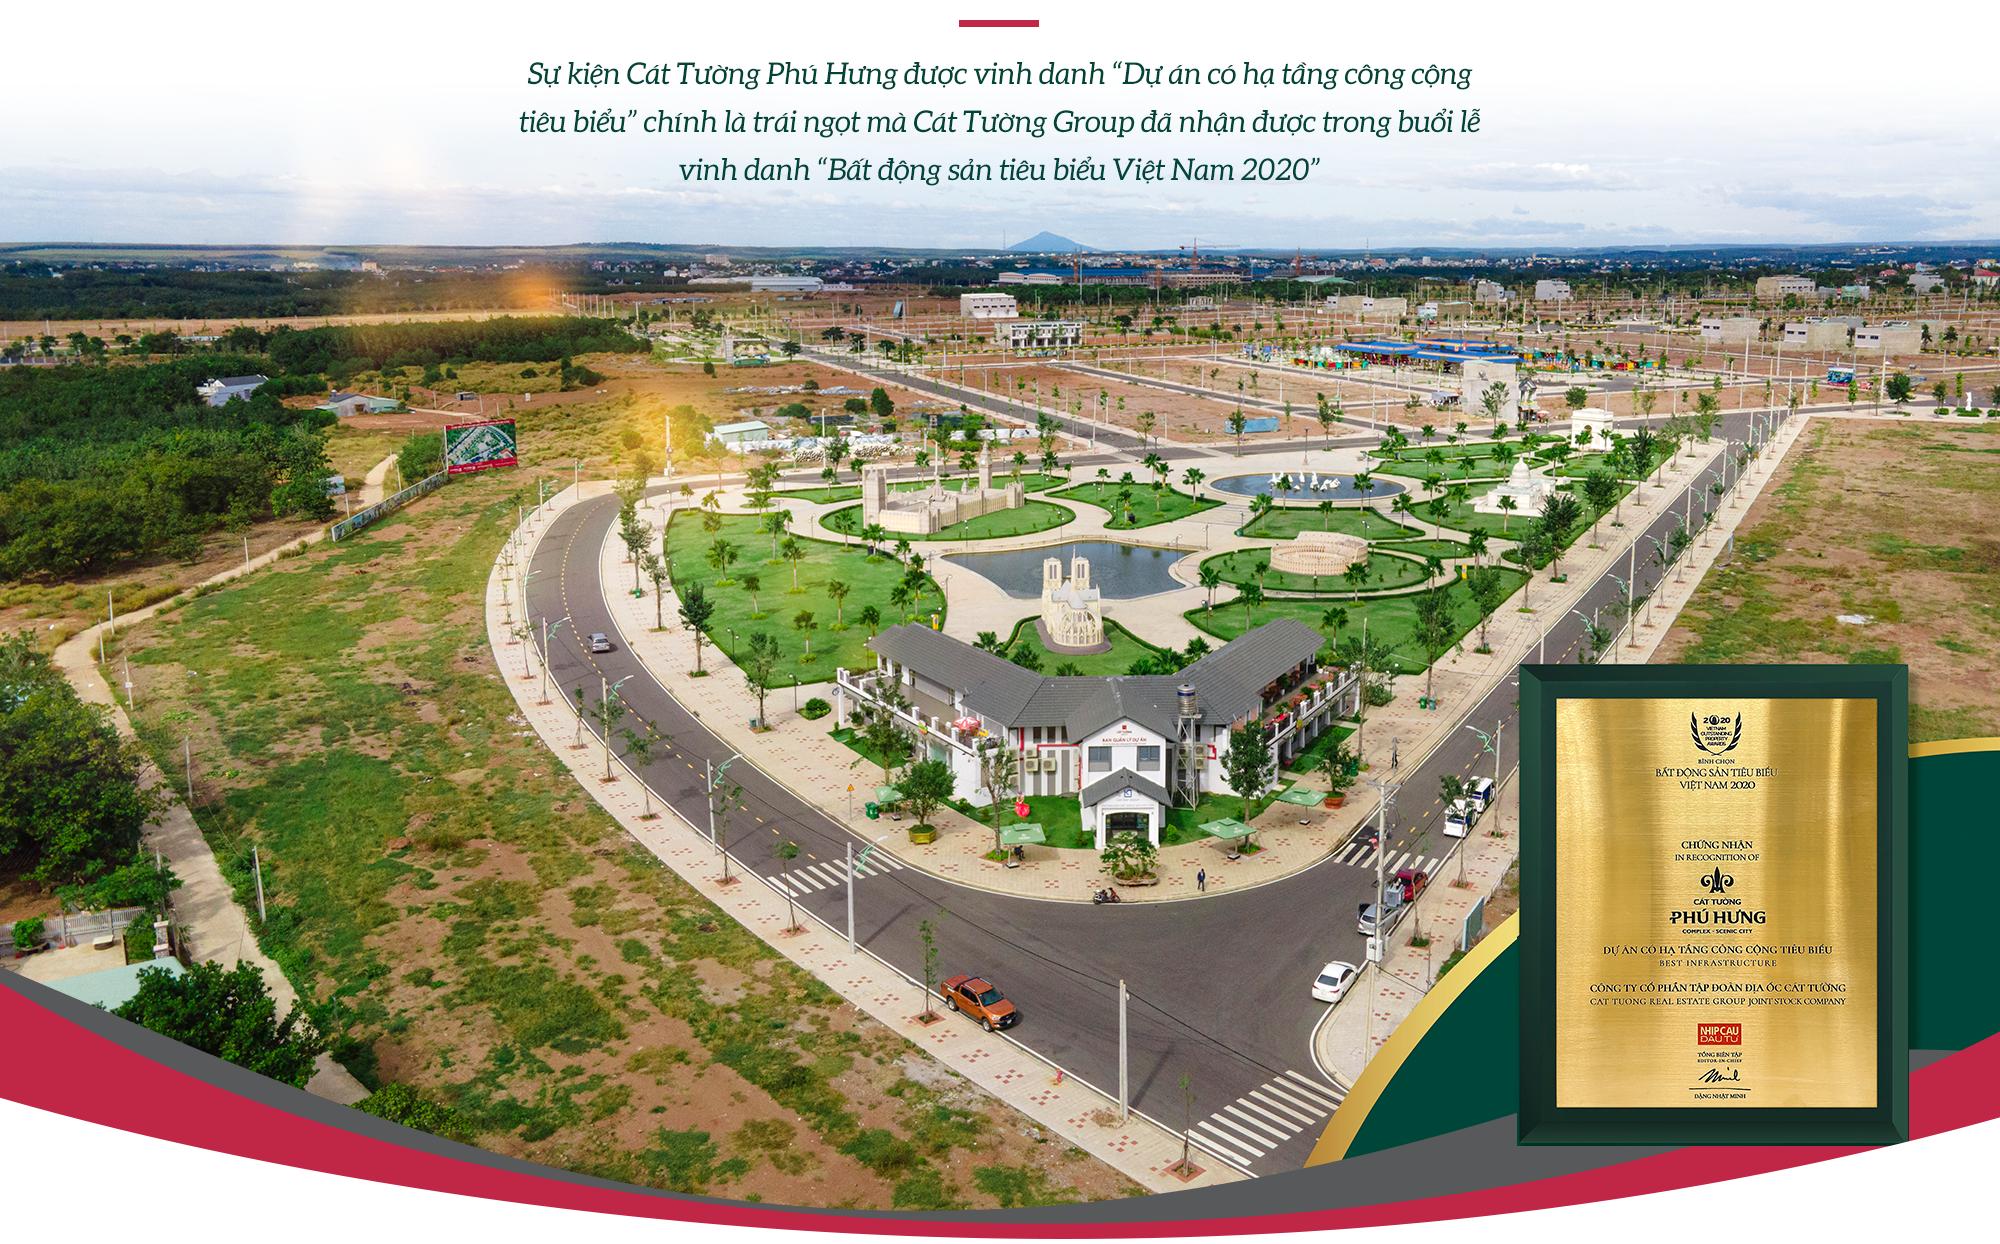 Thế chân kiềng vững chắc tạo dựng vị thế mới cho Cát Tường Group trên thị trường bất động sản - Ảnh 4.